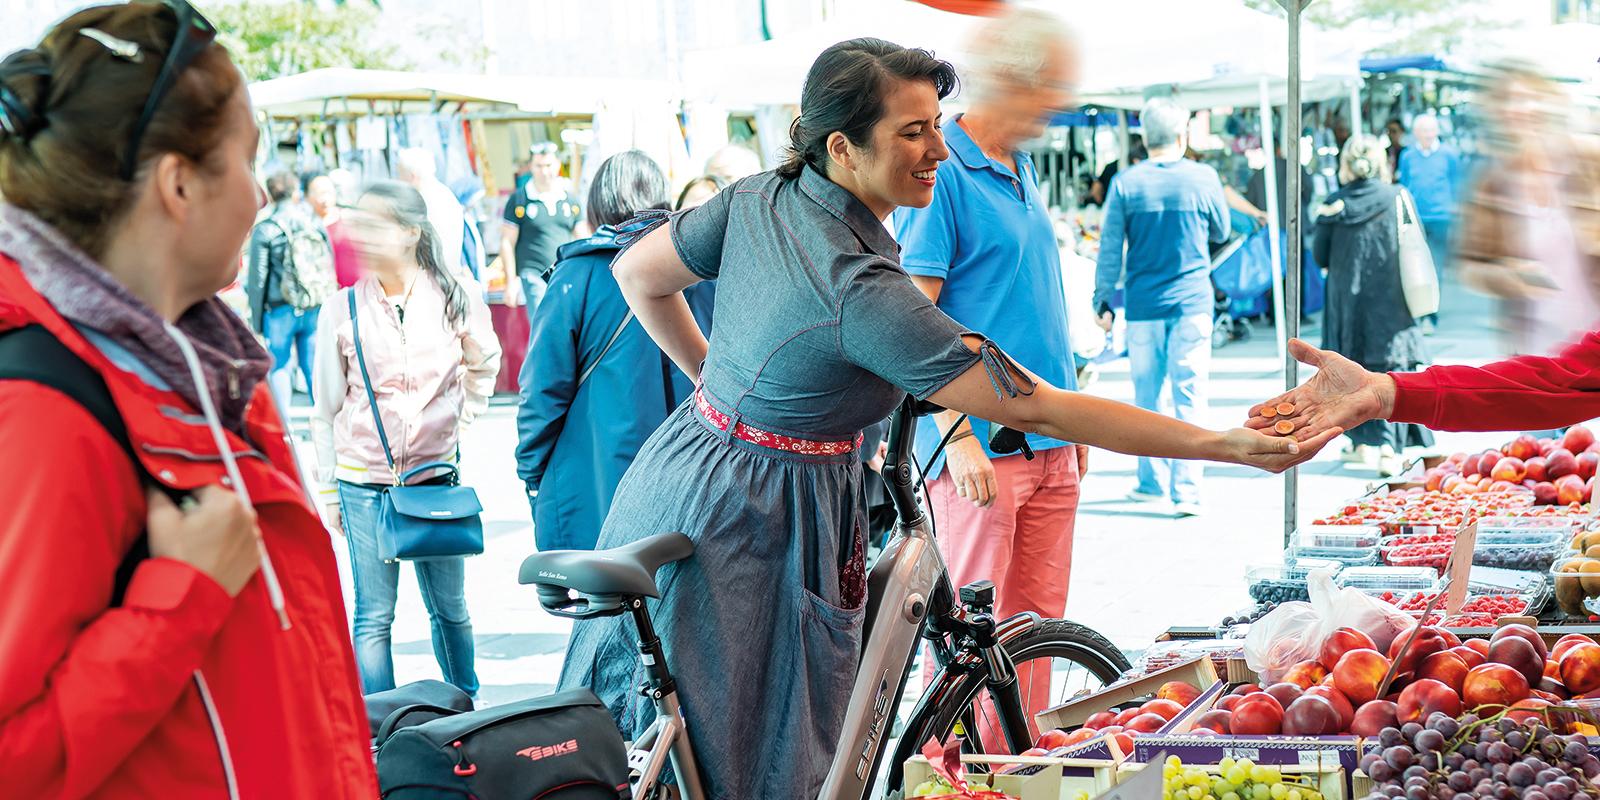 Mevrouw is op de markt met haar E-bike